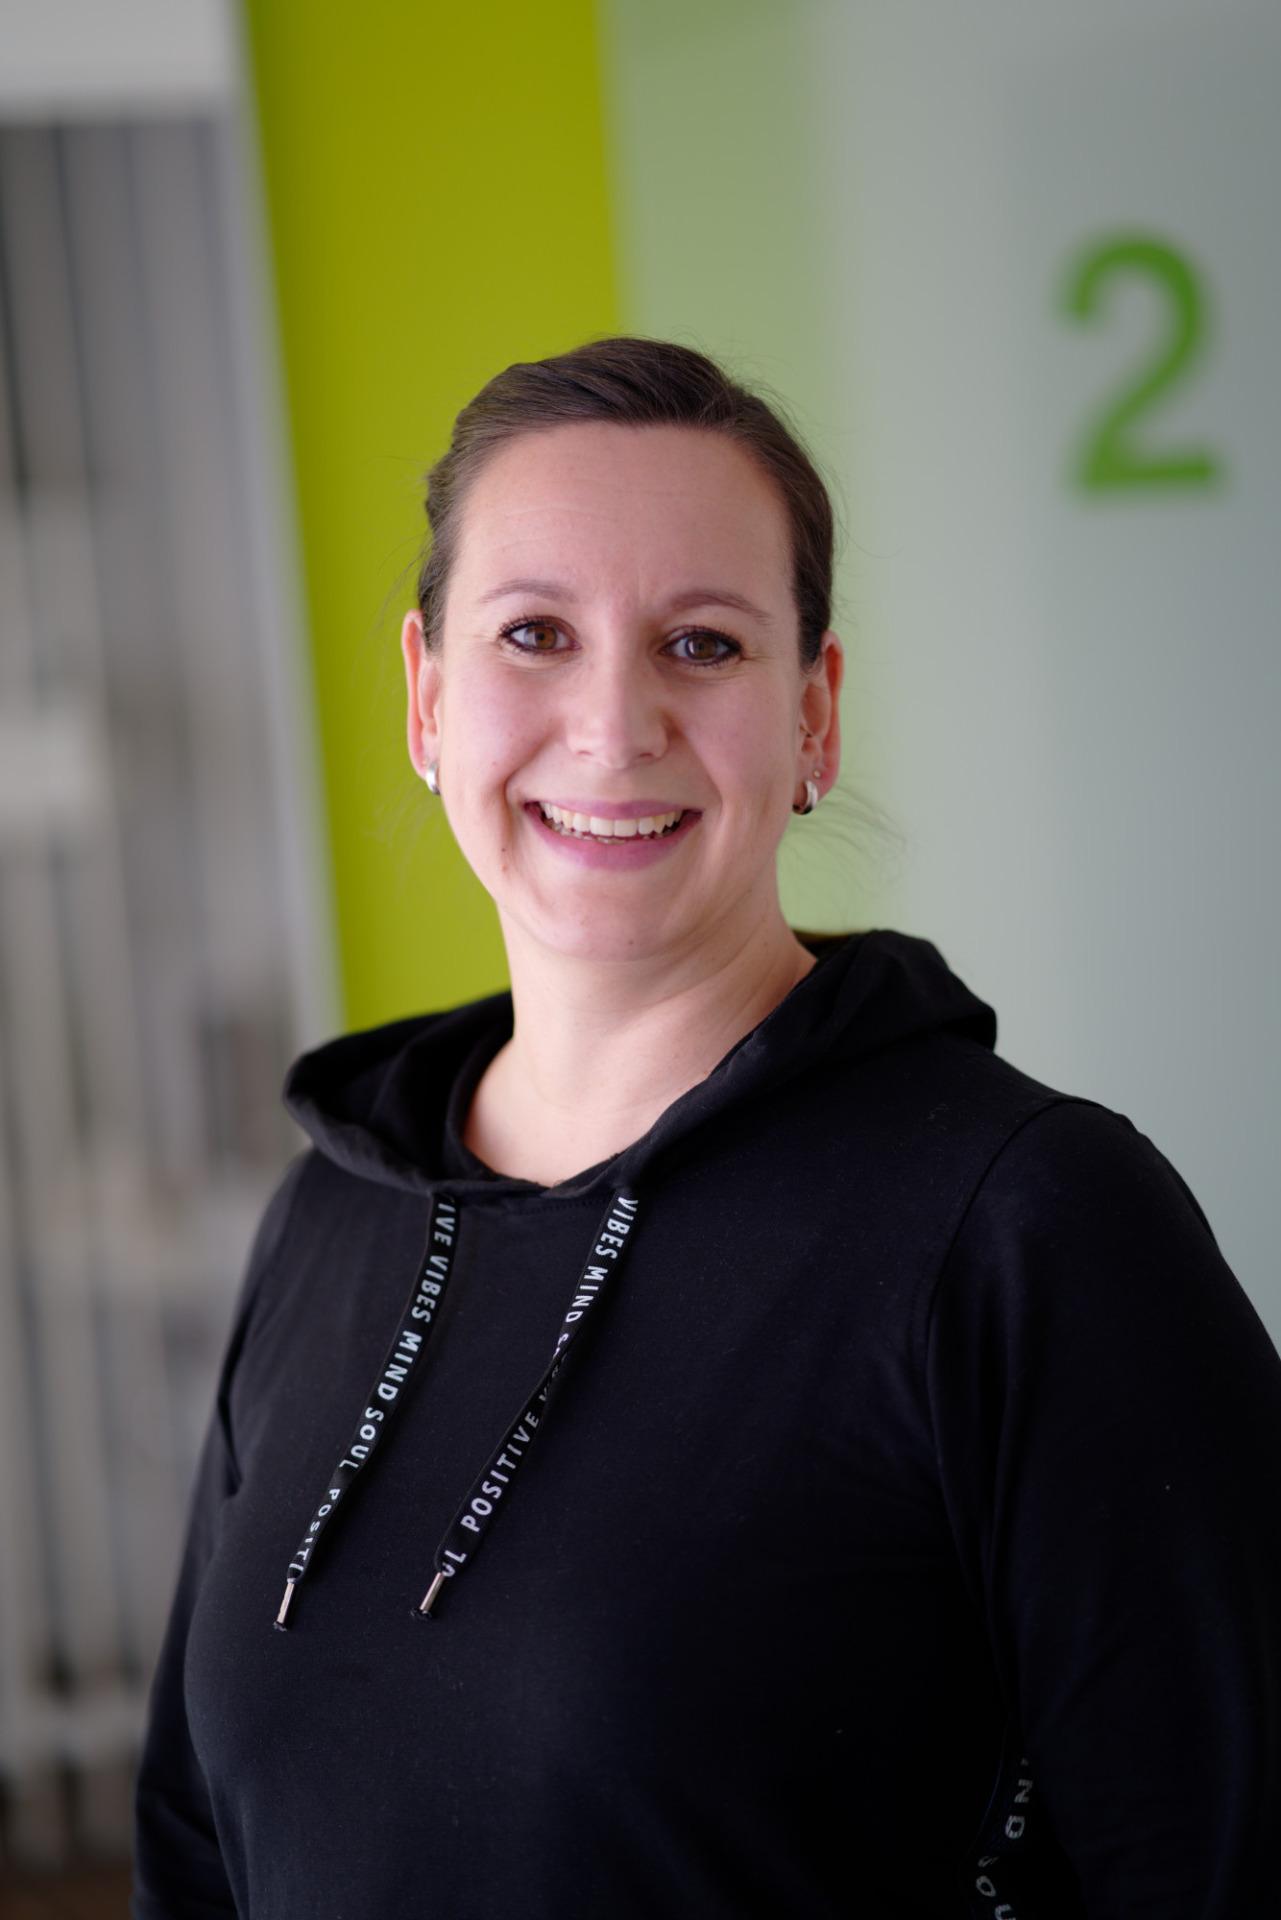 Nicole Glatzer